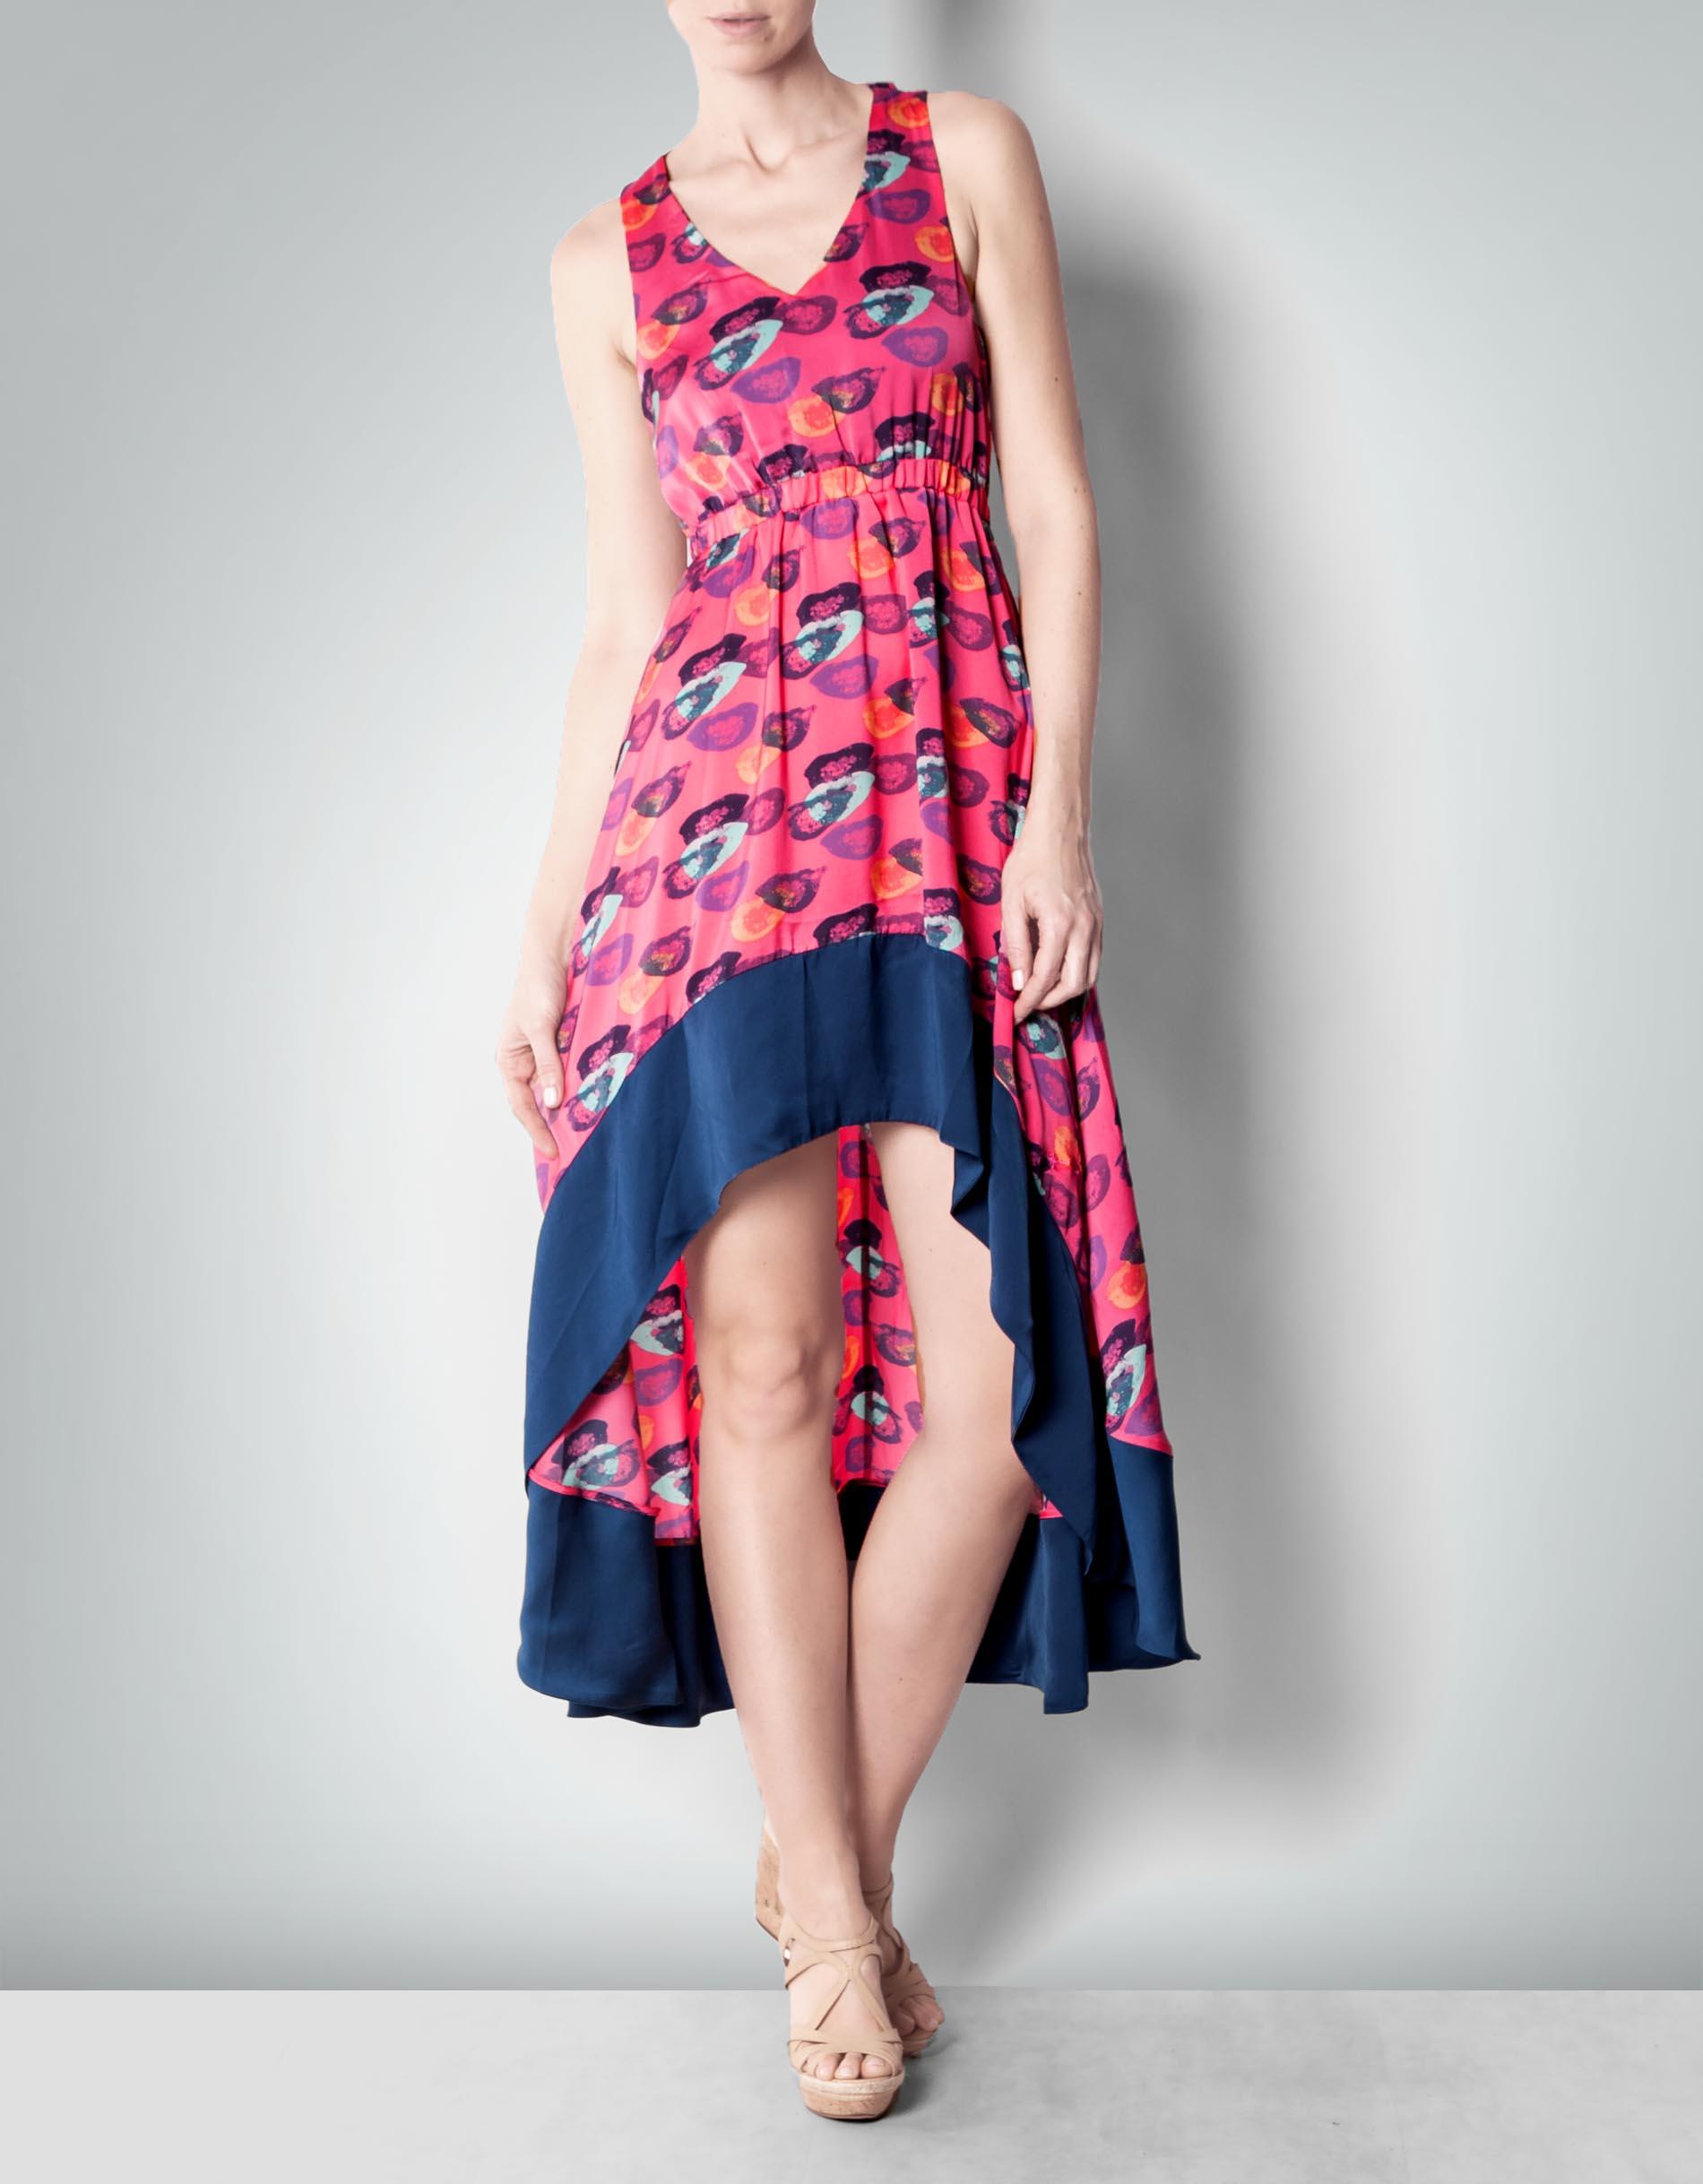 Pepe Jeans Damen Kleid Dix Pink Im Vokuhila Stil Empfohlen Von